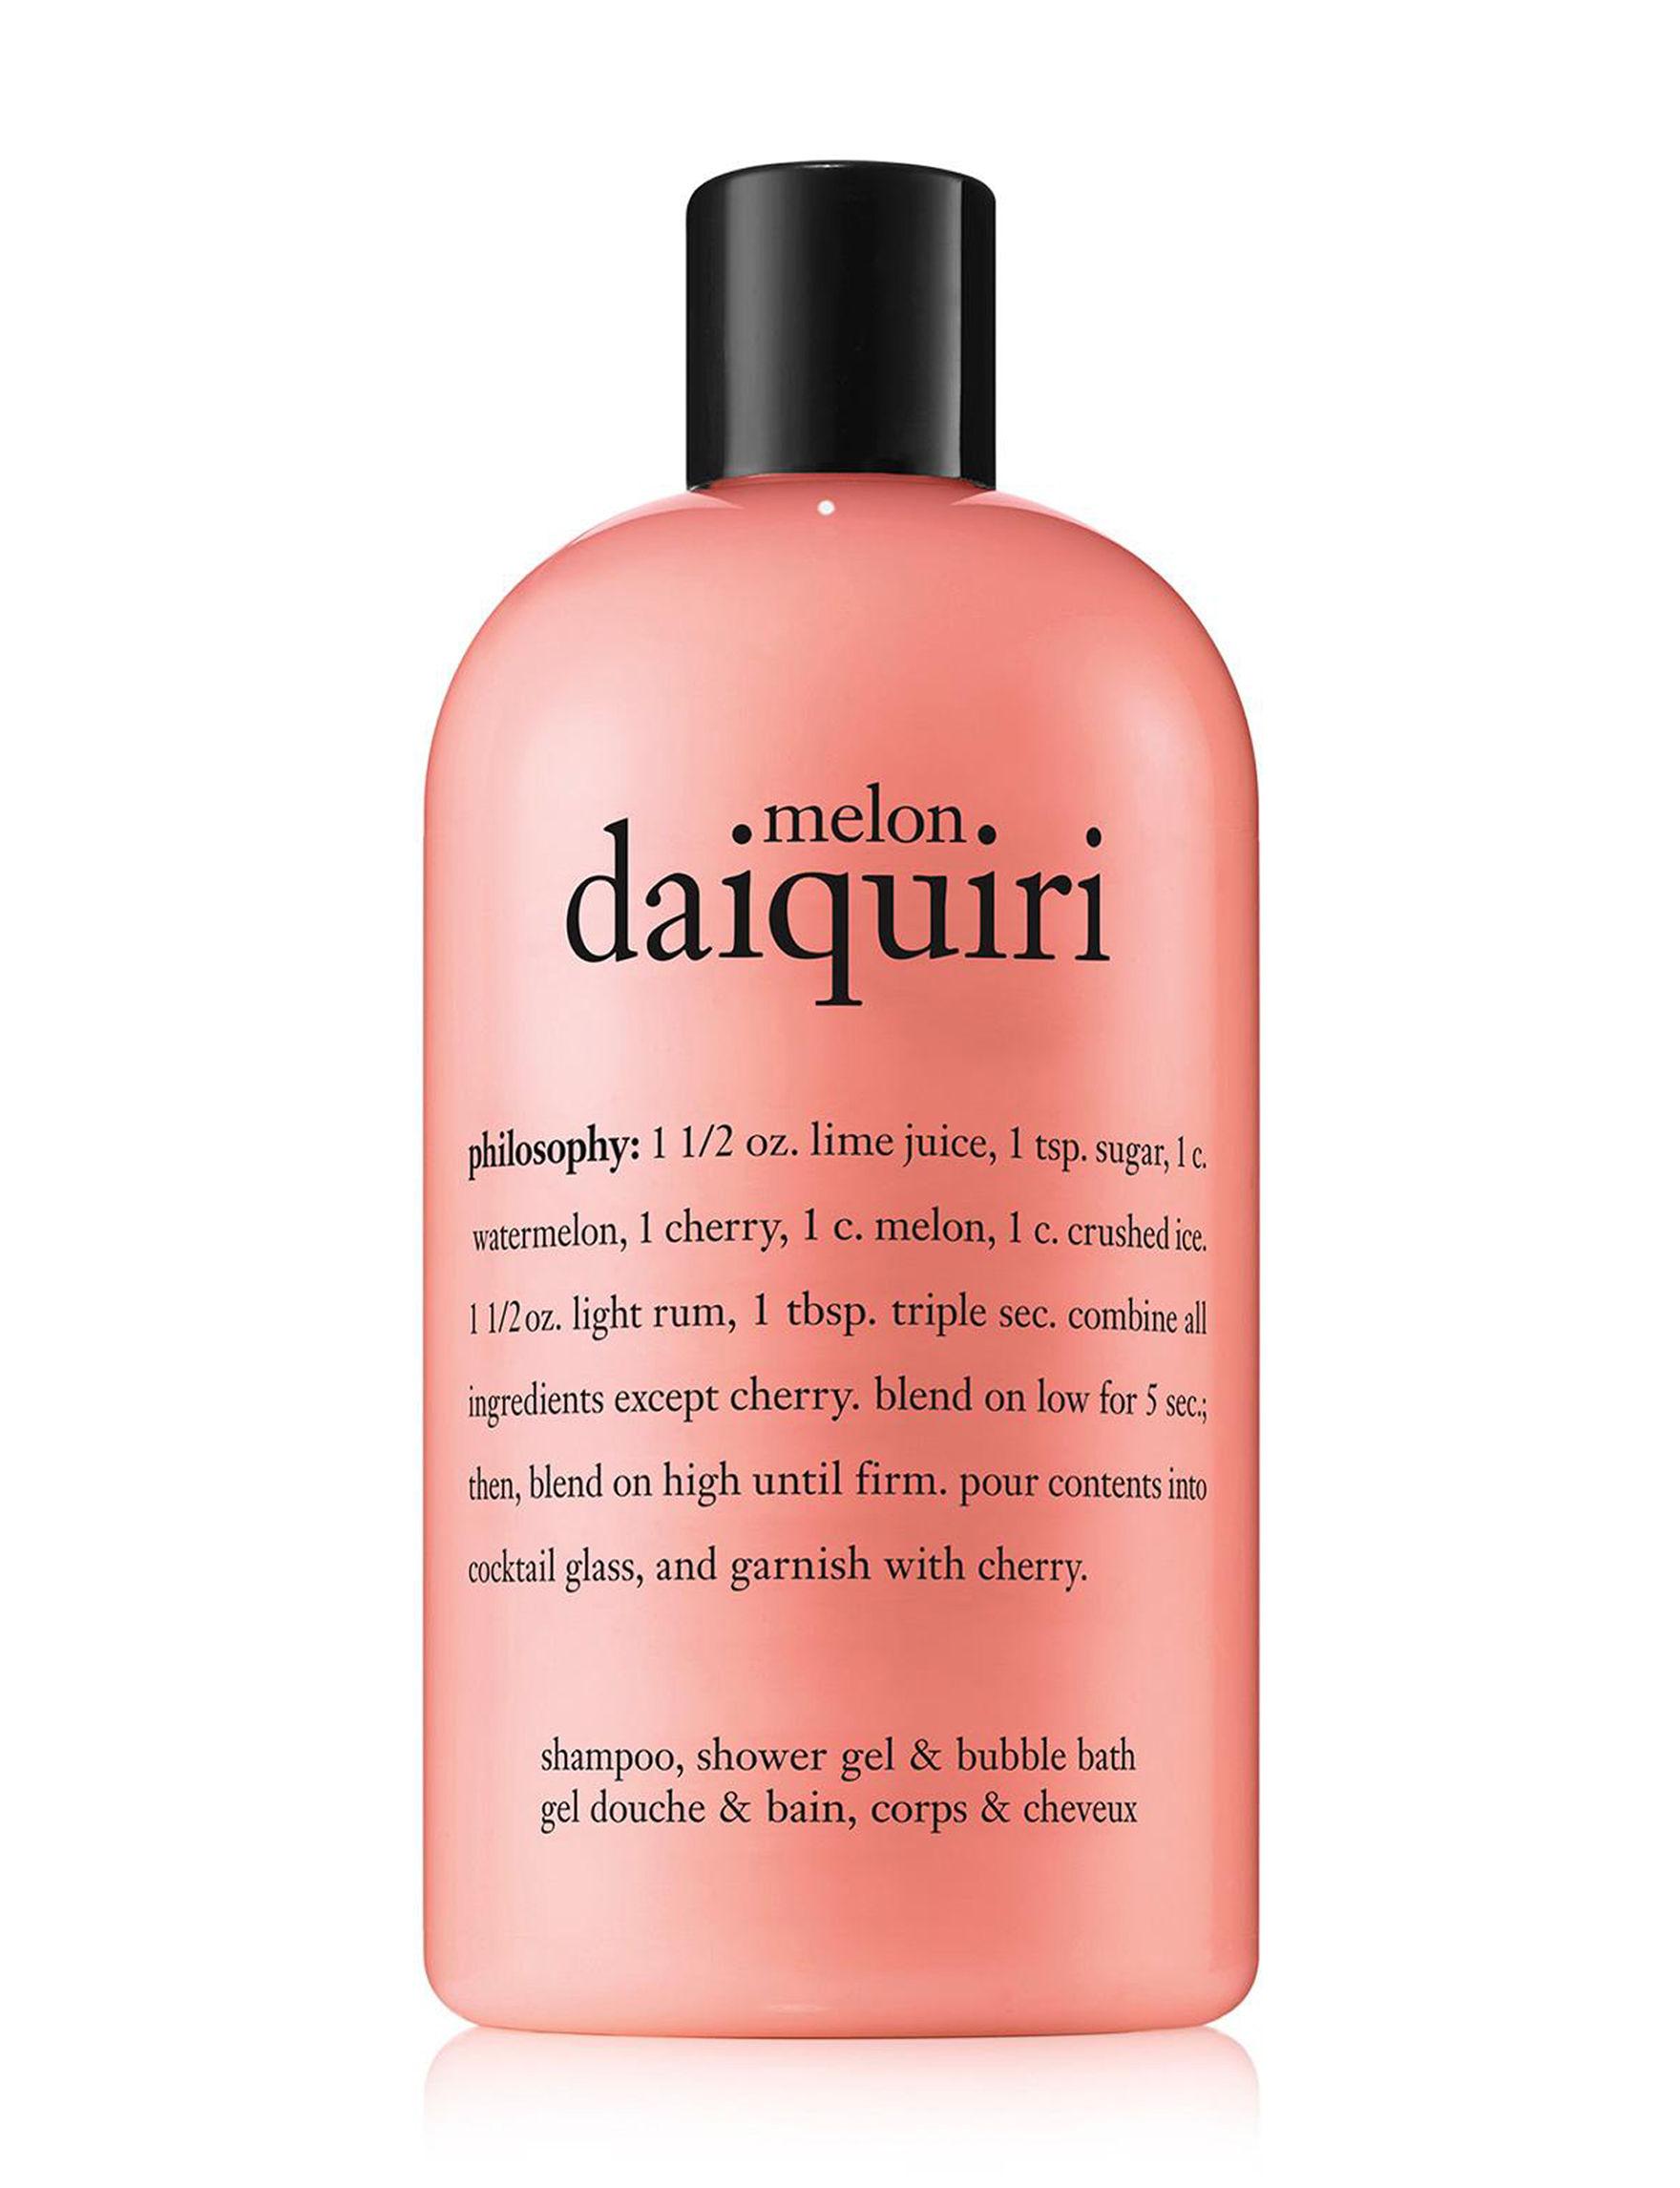 Philosophy Melon Daiquiri Shampoo, Shower Gel & Bubble Bath | Stage ...